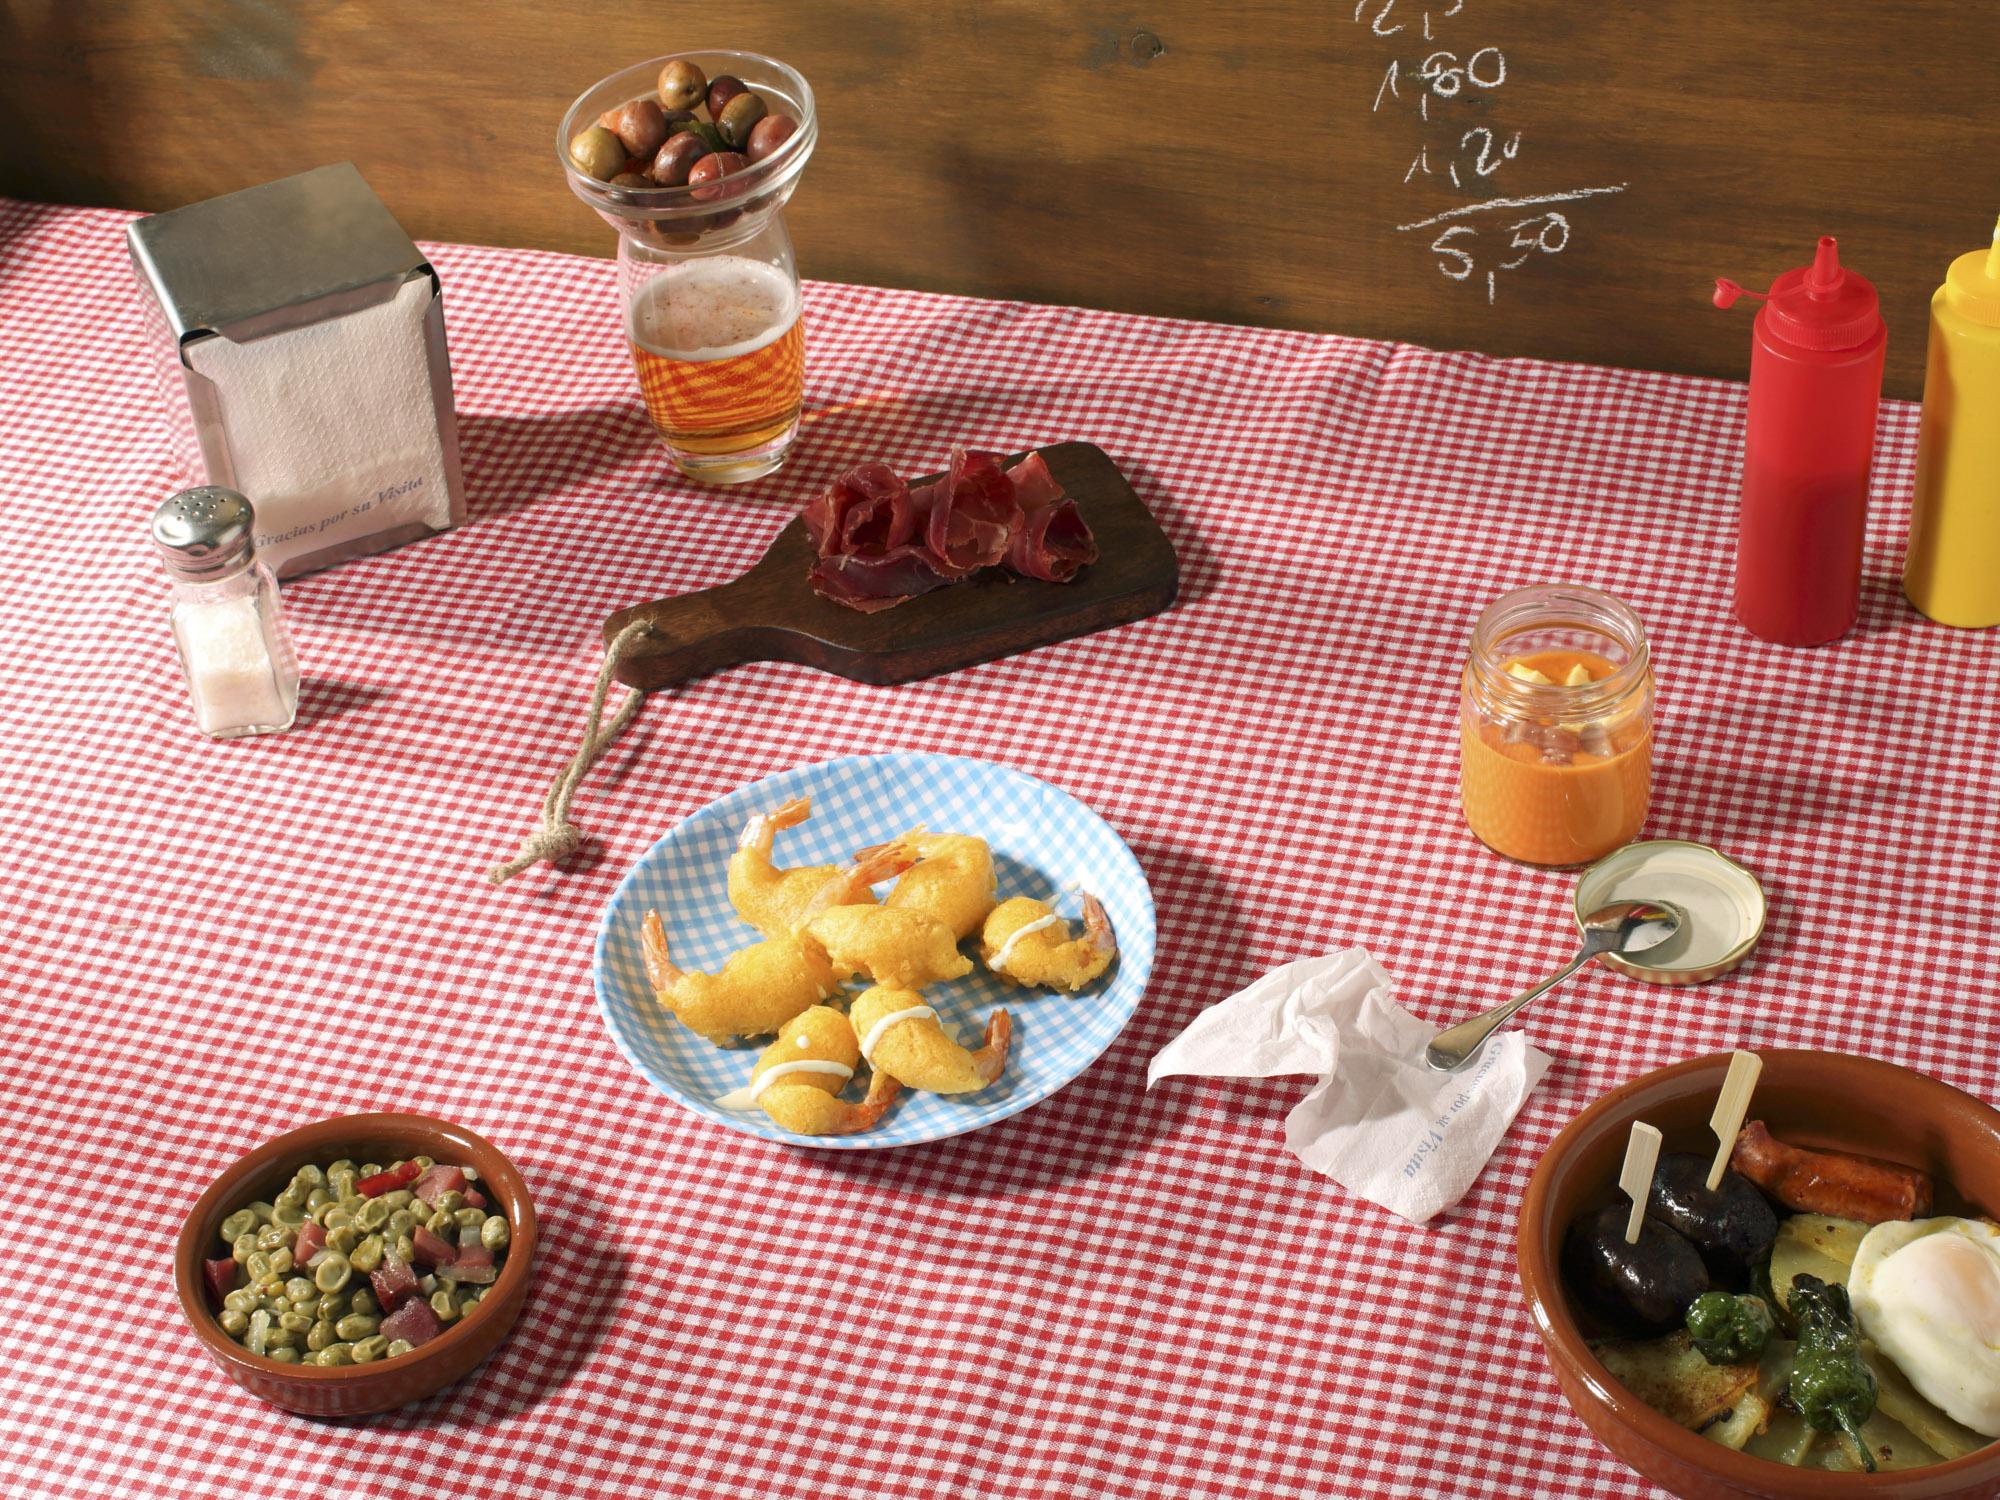 Habas con Jamon (grüne Bohnen mit Schinken), Gambas en garbadina (Garnelen im Schlafrock), Jamon de Trevélez (Trevélez, Granada) y Queso, Salmorejo de Mangos (eine sämige Gazpacho, Mangos aus der Region Granada), Plato Alpujarreño (Chorizo = Wurst, Morcilla= Blutwurst, Patatas  = Kartoffeln, Pimiento= Paprika y Huevo (Spiegelei)), Aceitunas / Oliven, Cerveza Alhambra (aus Granada). Arbeiter Lunch, Chefs: Jesus Bracero & Nicolas Fernández, Hotel Andalucia Center, Granada, Andalusien, Spanien